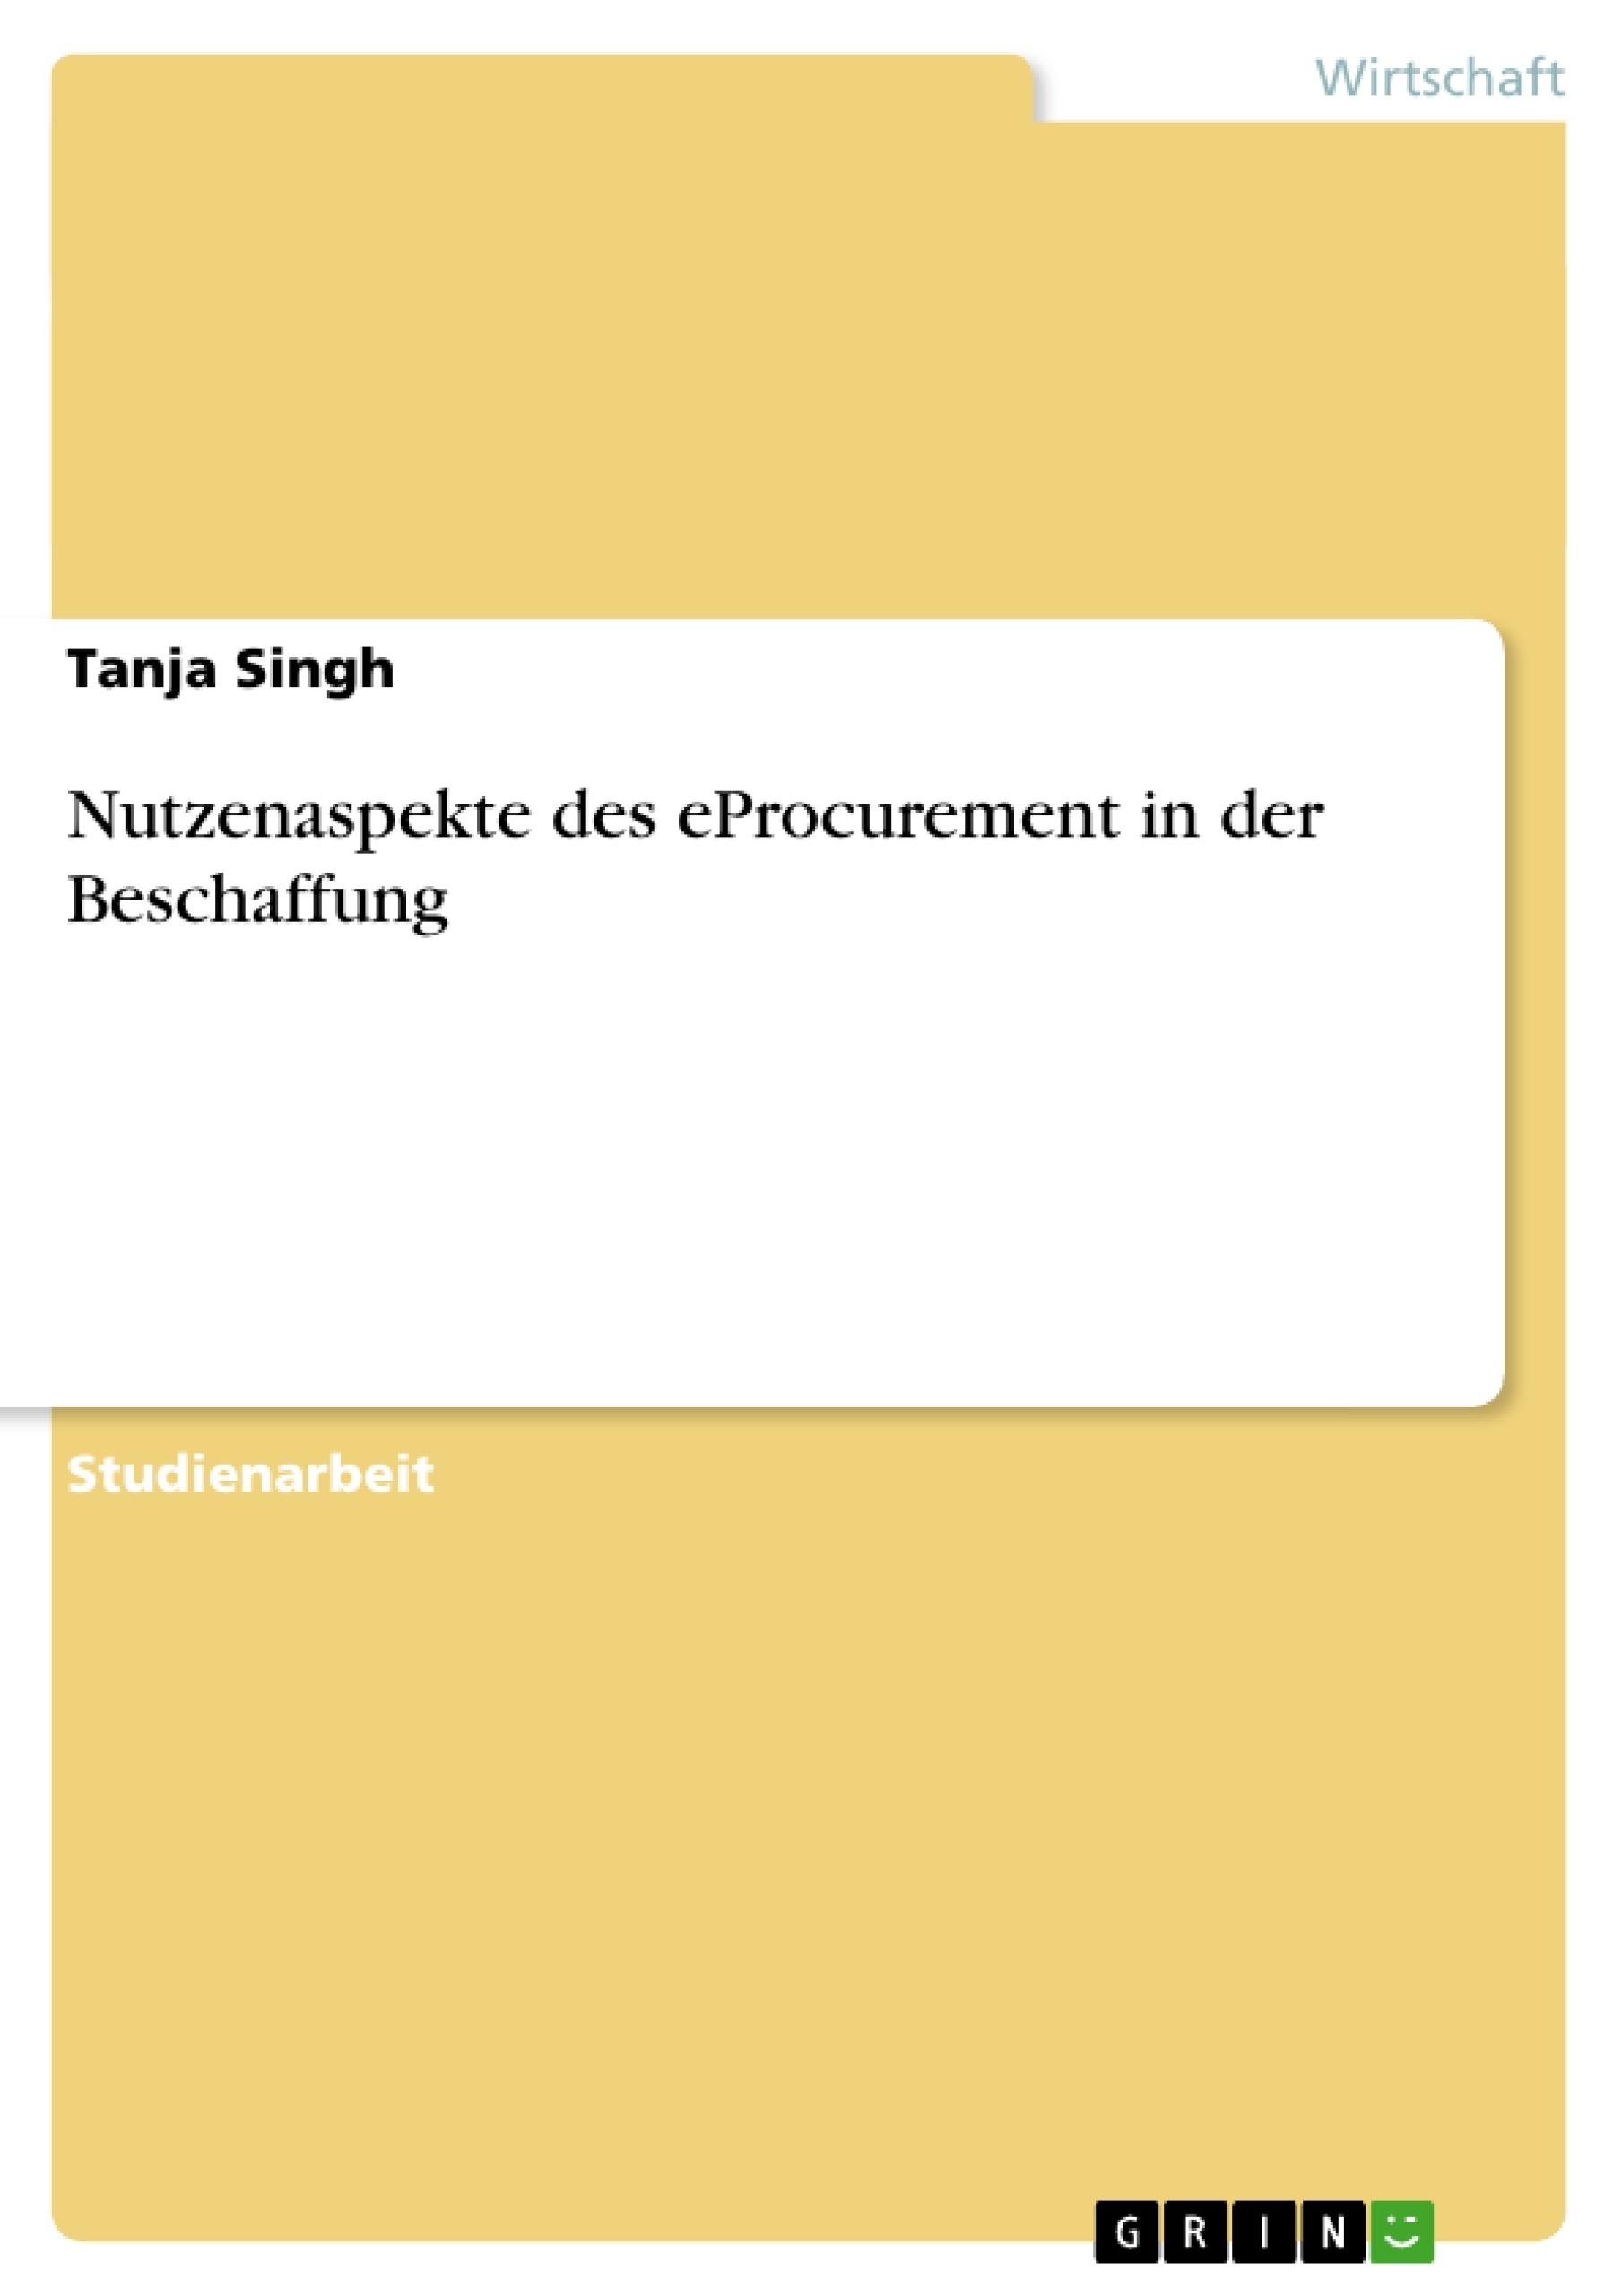 Titel: Nutzenaspekte des eProcurement in der Beschaffung